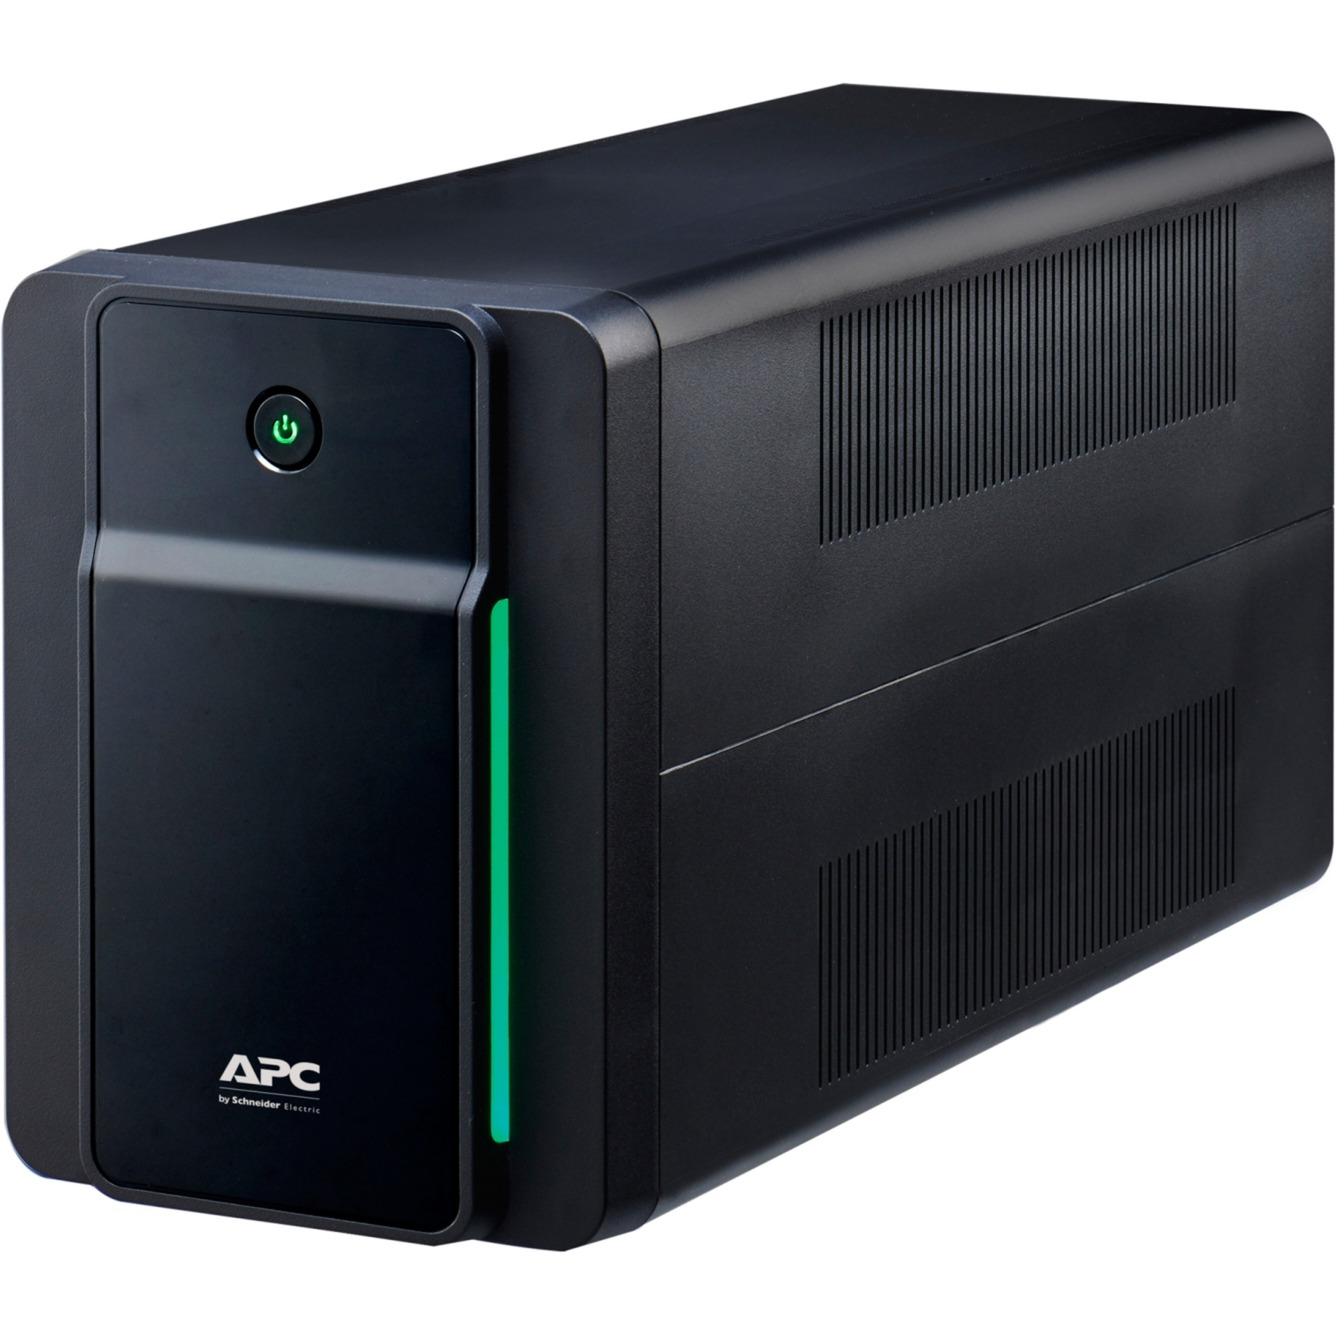 Image of APC Easy UPS BVX 900VA, 230V, AVR, IEC Sockets, USV